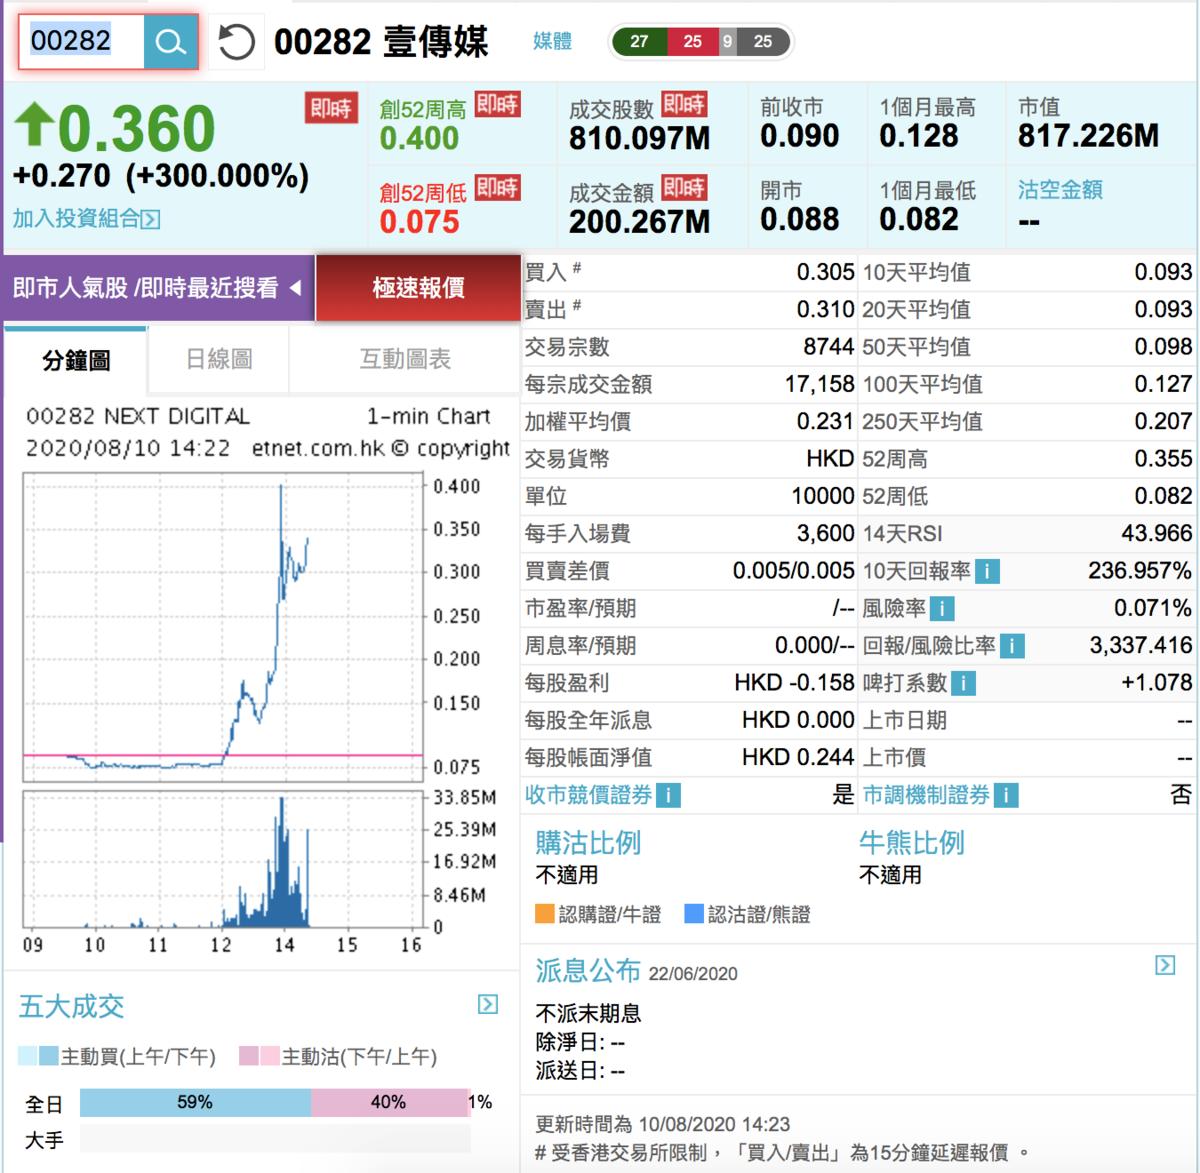 壹傳媒股價一度升3.4倍,成交額超4千萬。(網絡截圖)